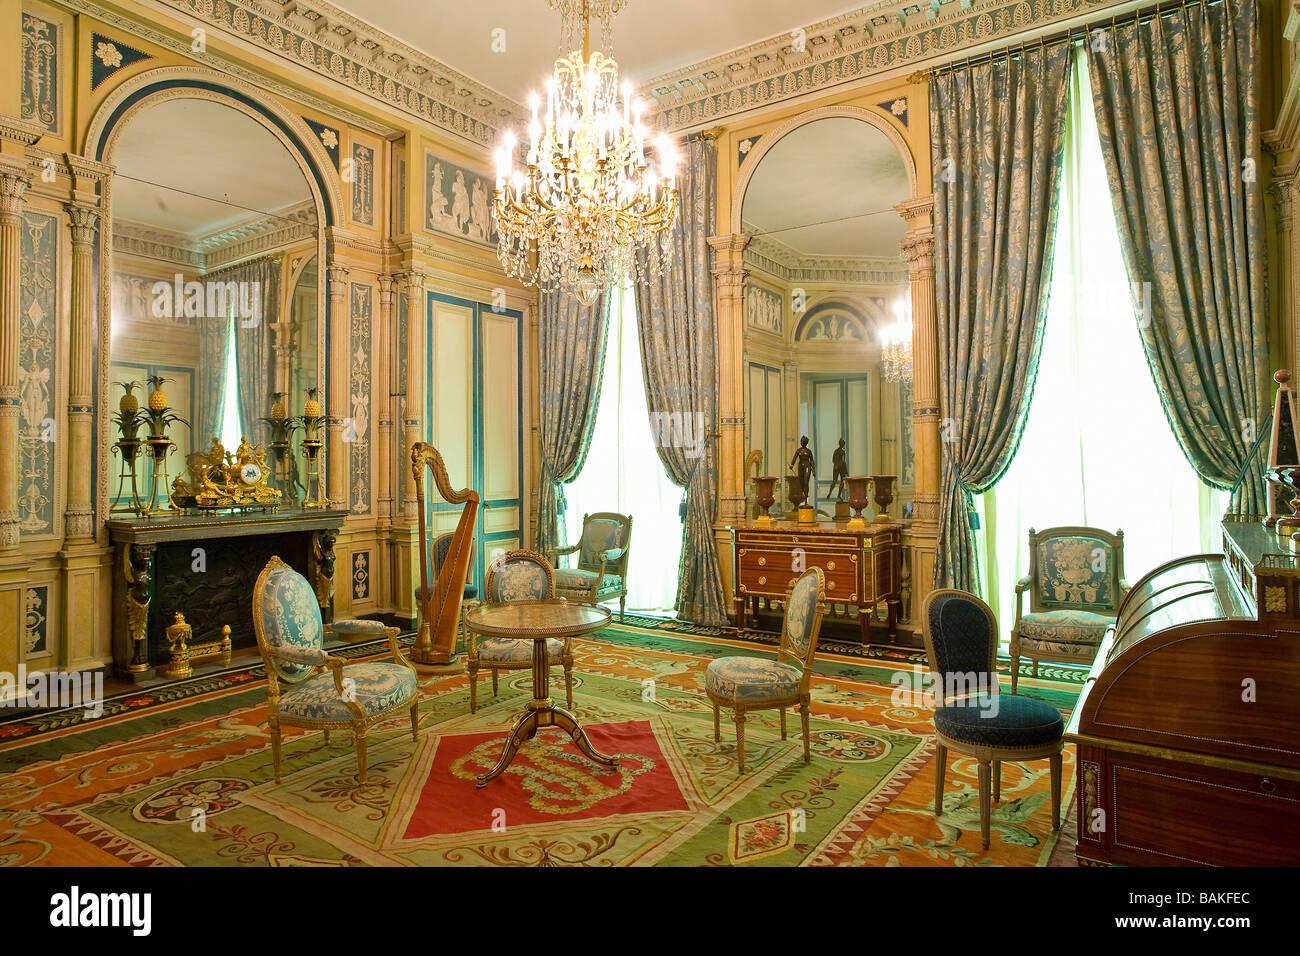 Frankreich Paris Musee Des Arts Decoratifs Museum Of Decorative